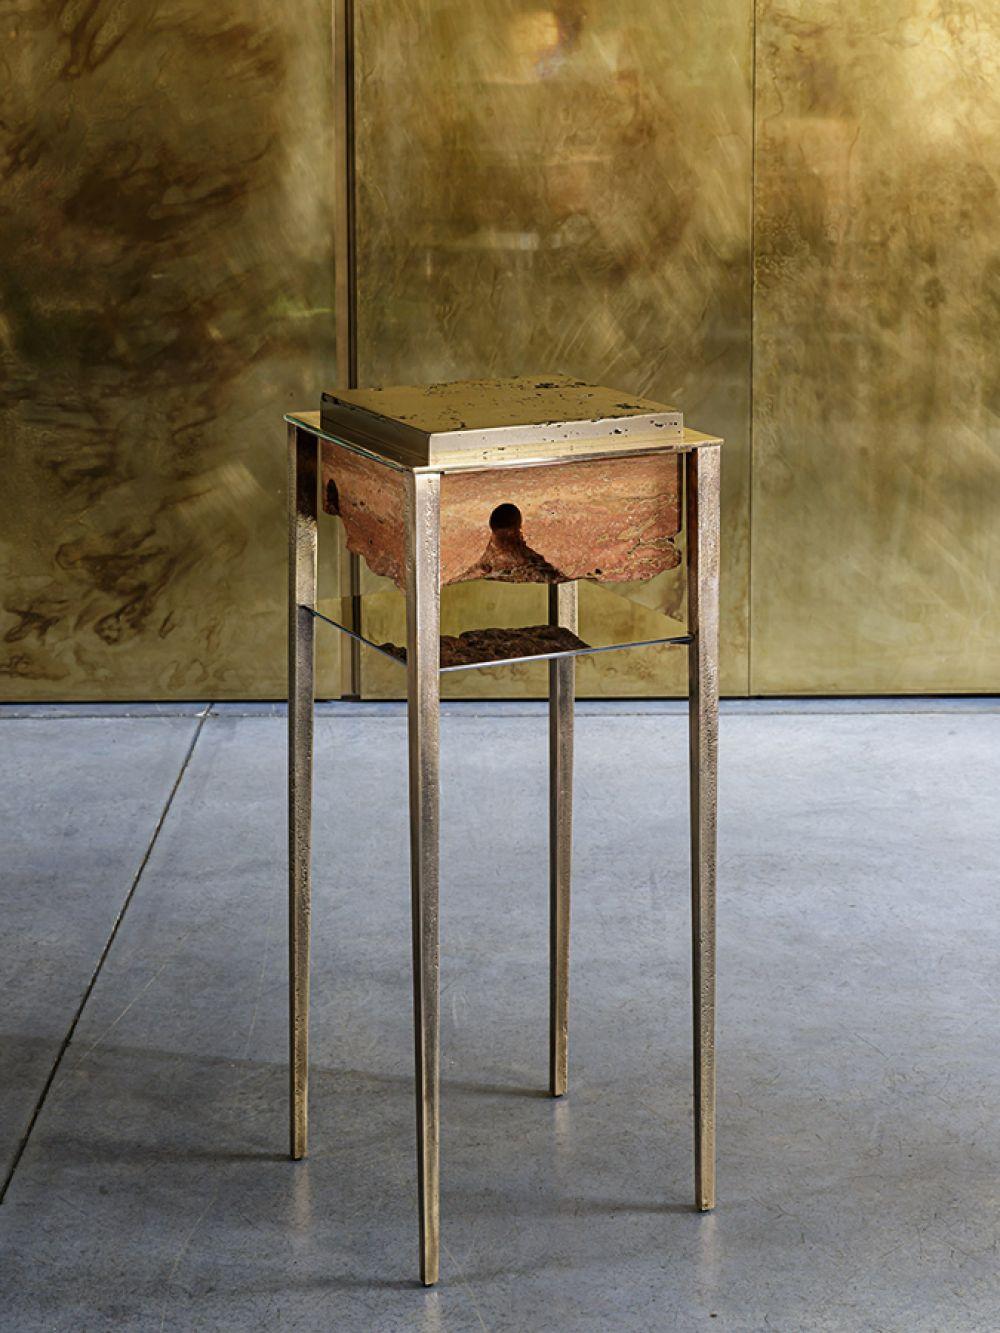 CREMINO III BRONZE - Sculptural side table - Persian travertine - liquid bronze - cast bronze - stainless steel